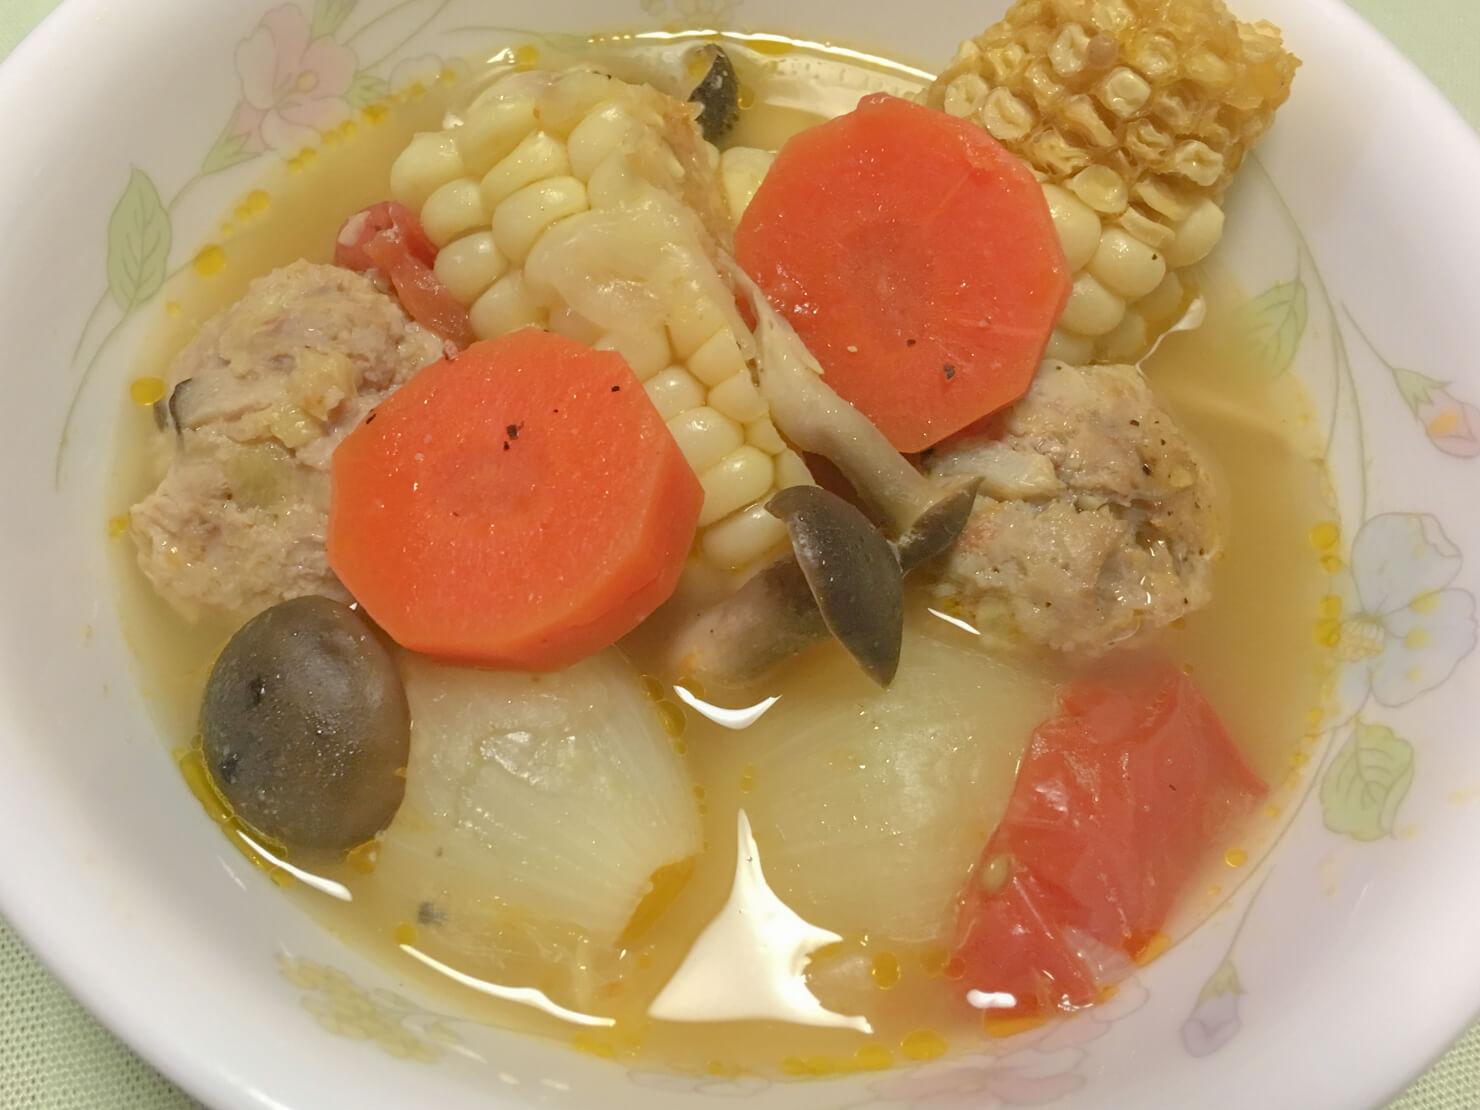 丸ズッキーニの肉詰め蒸しで余ったタネを入れたトウモロコシのスープの写真